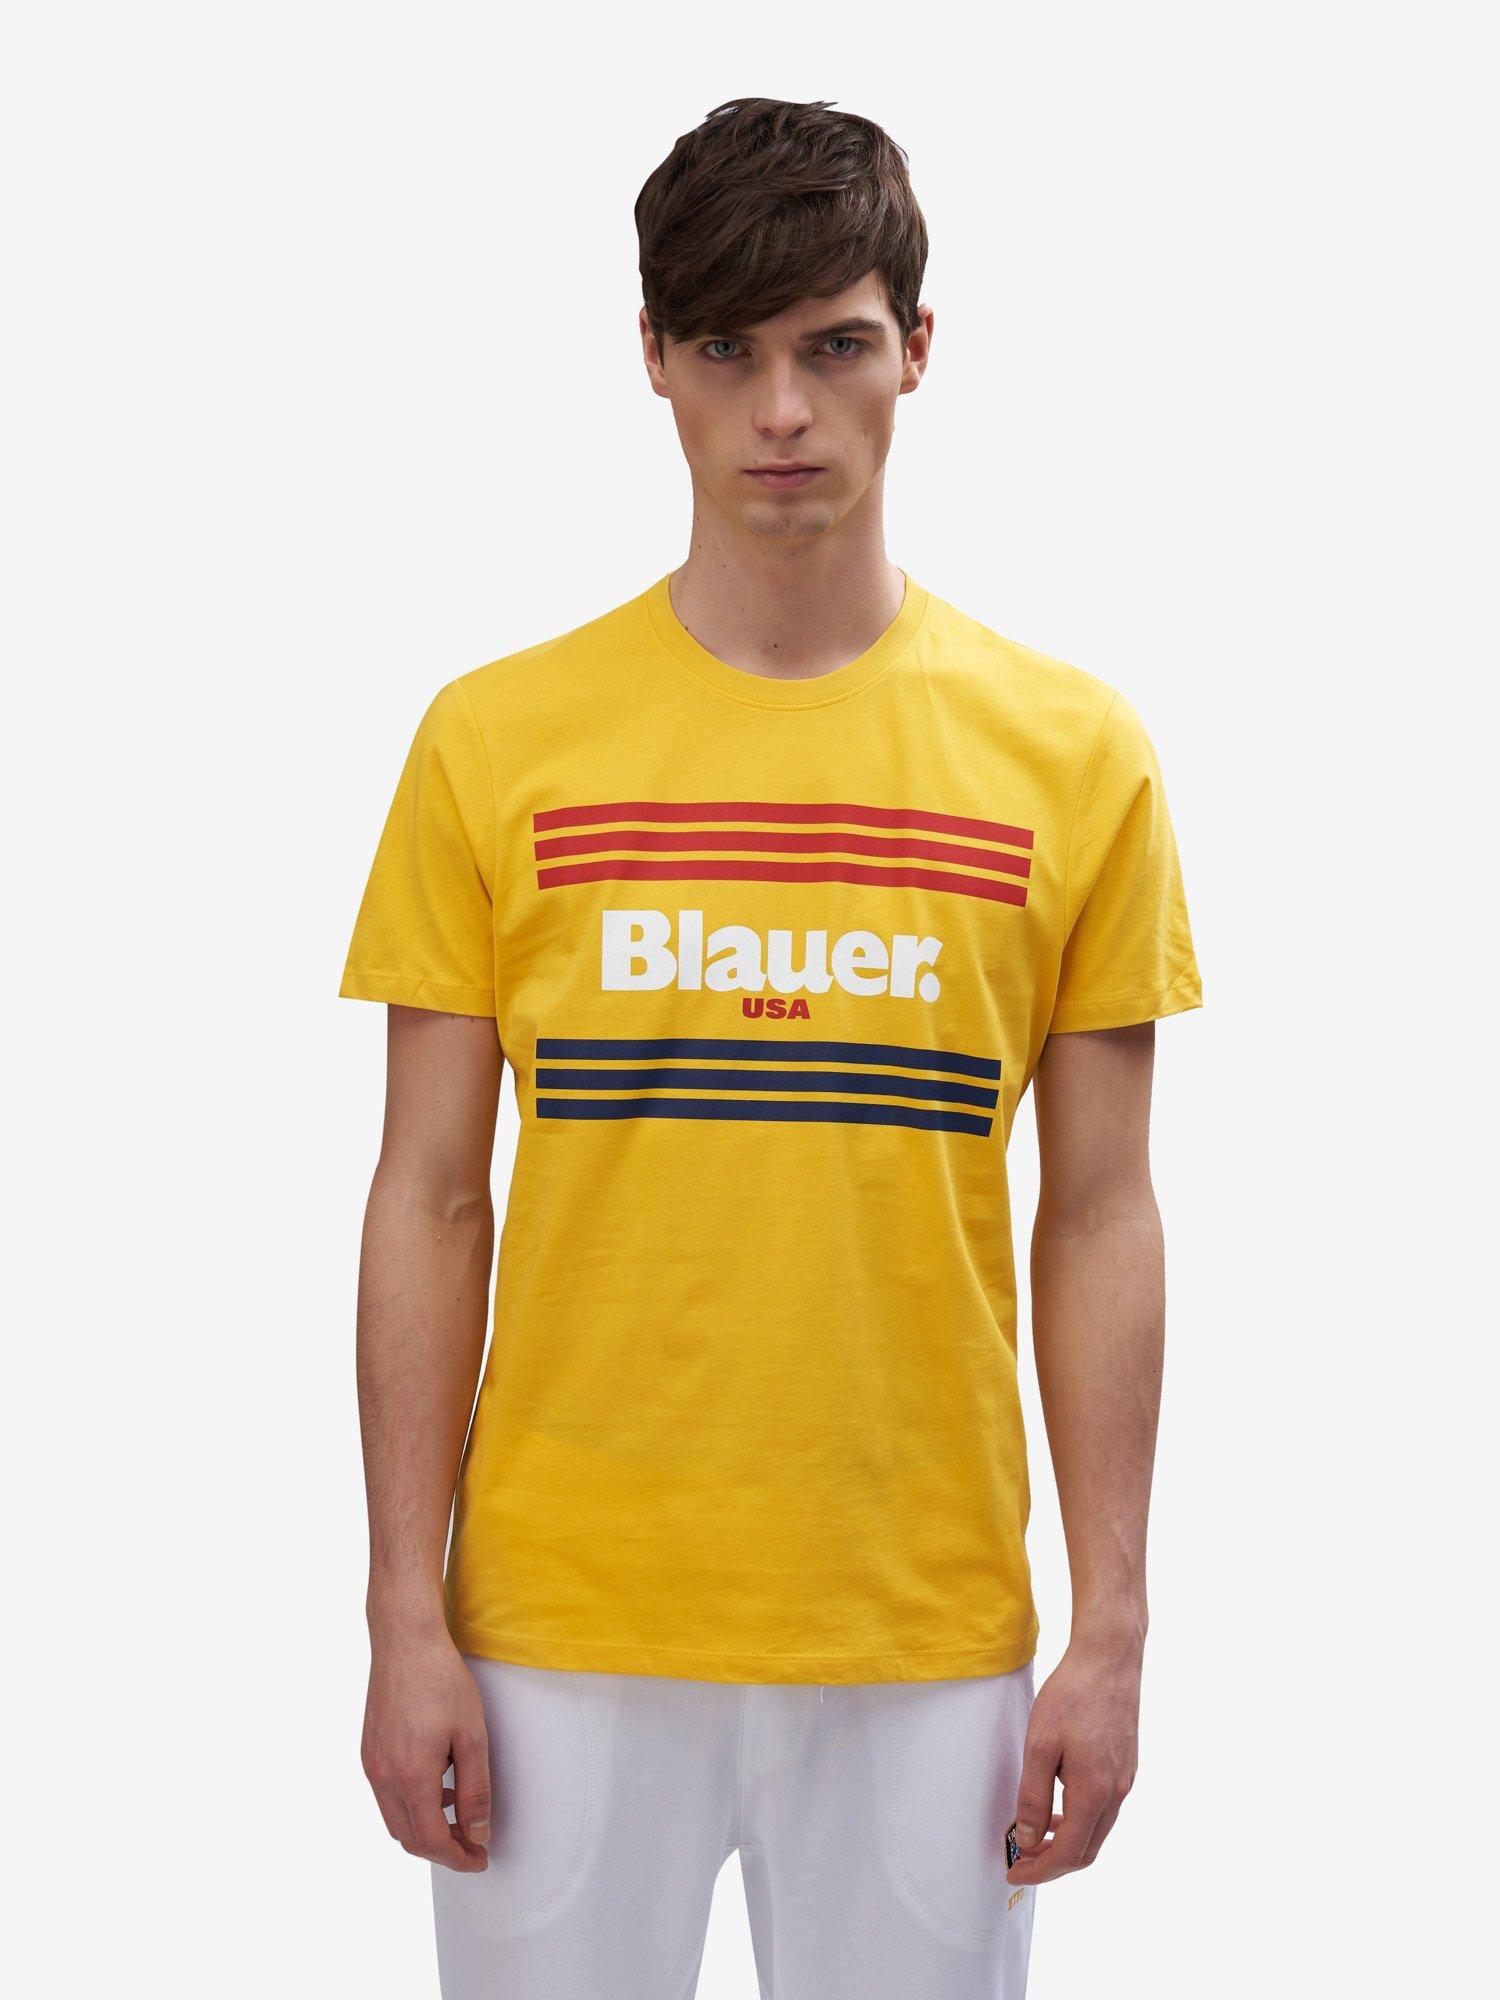 Blauer - STRIPES T-SHIRT - Canary - Blauer